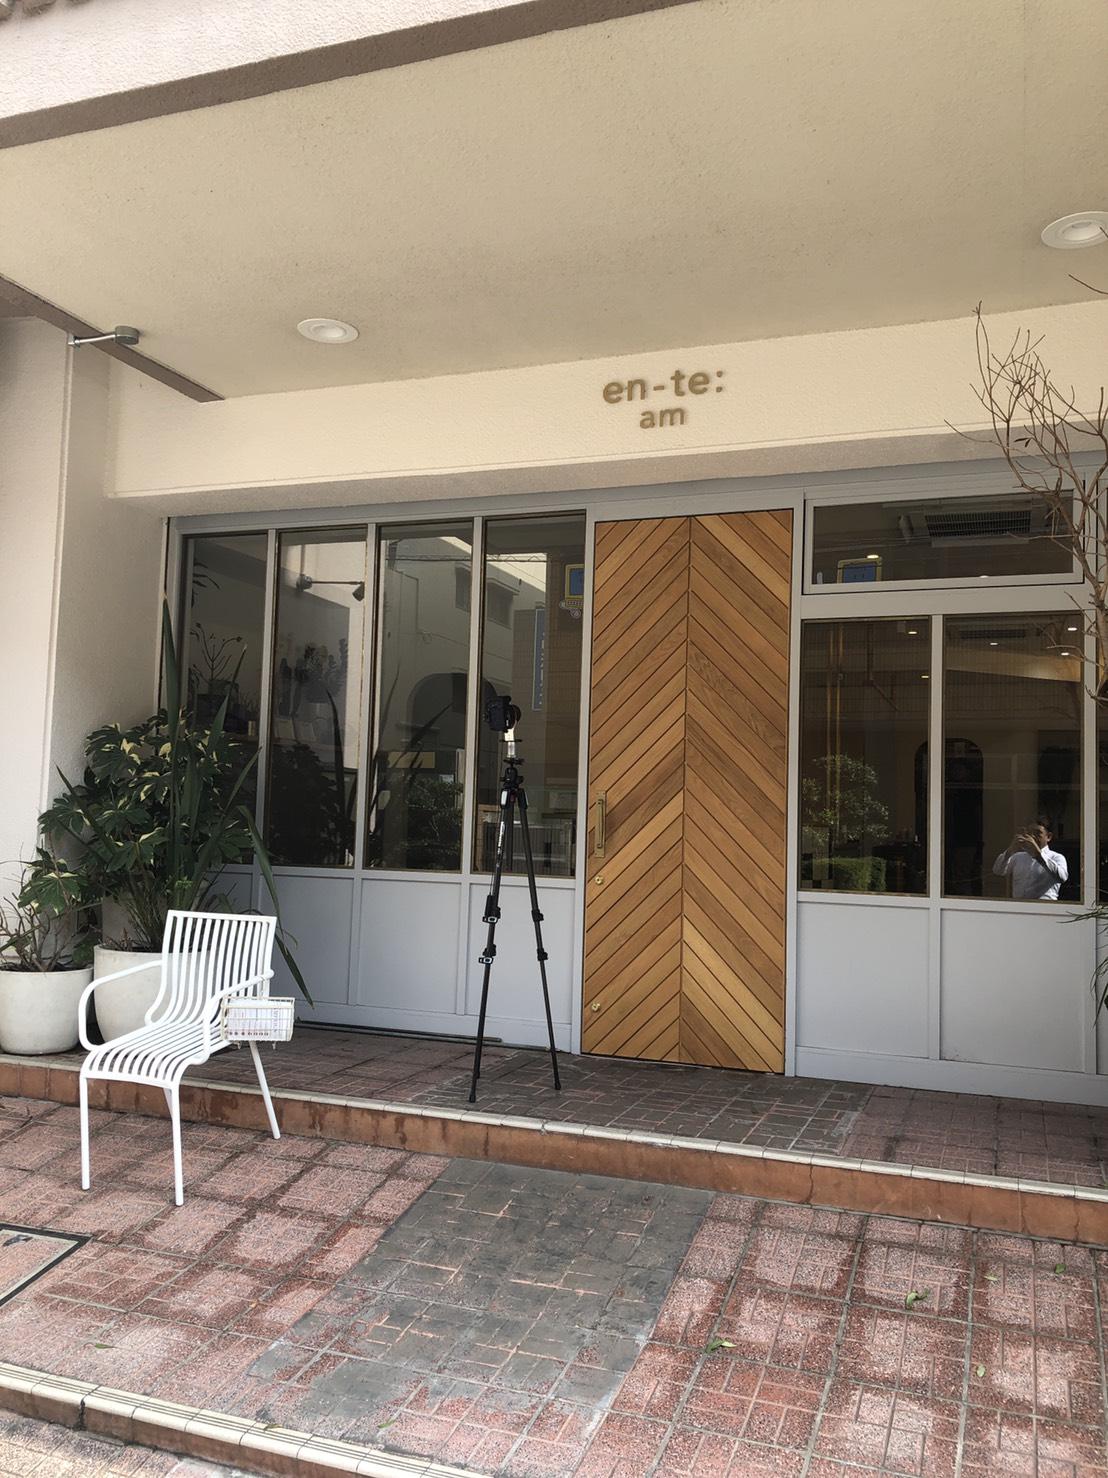 2019/09/06 Googleストリートビュー屋内版撮影 エンテ・アム